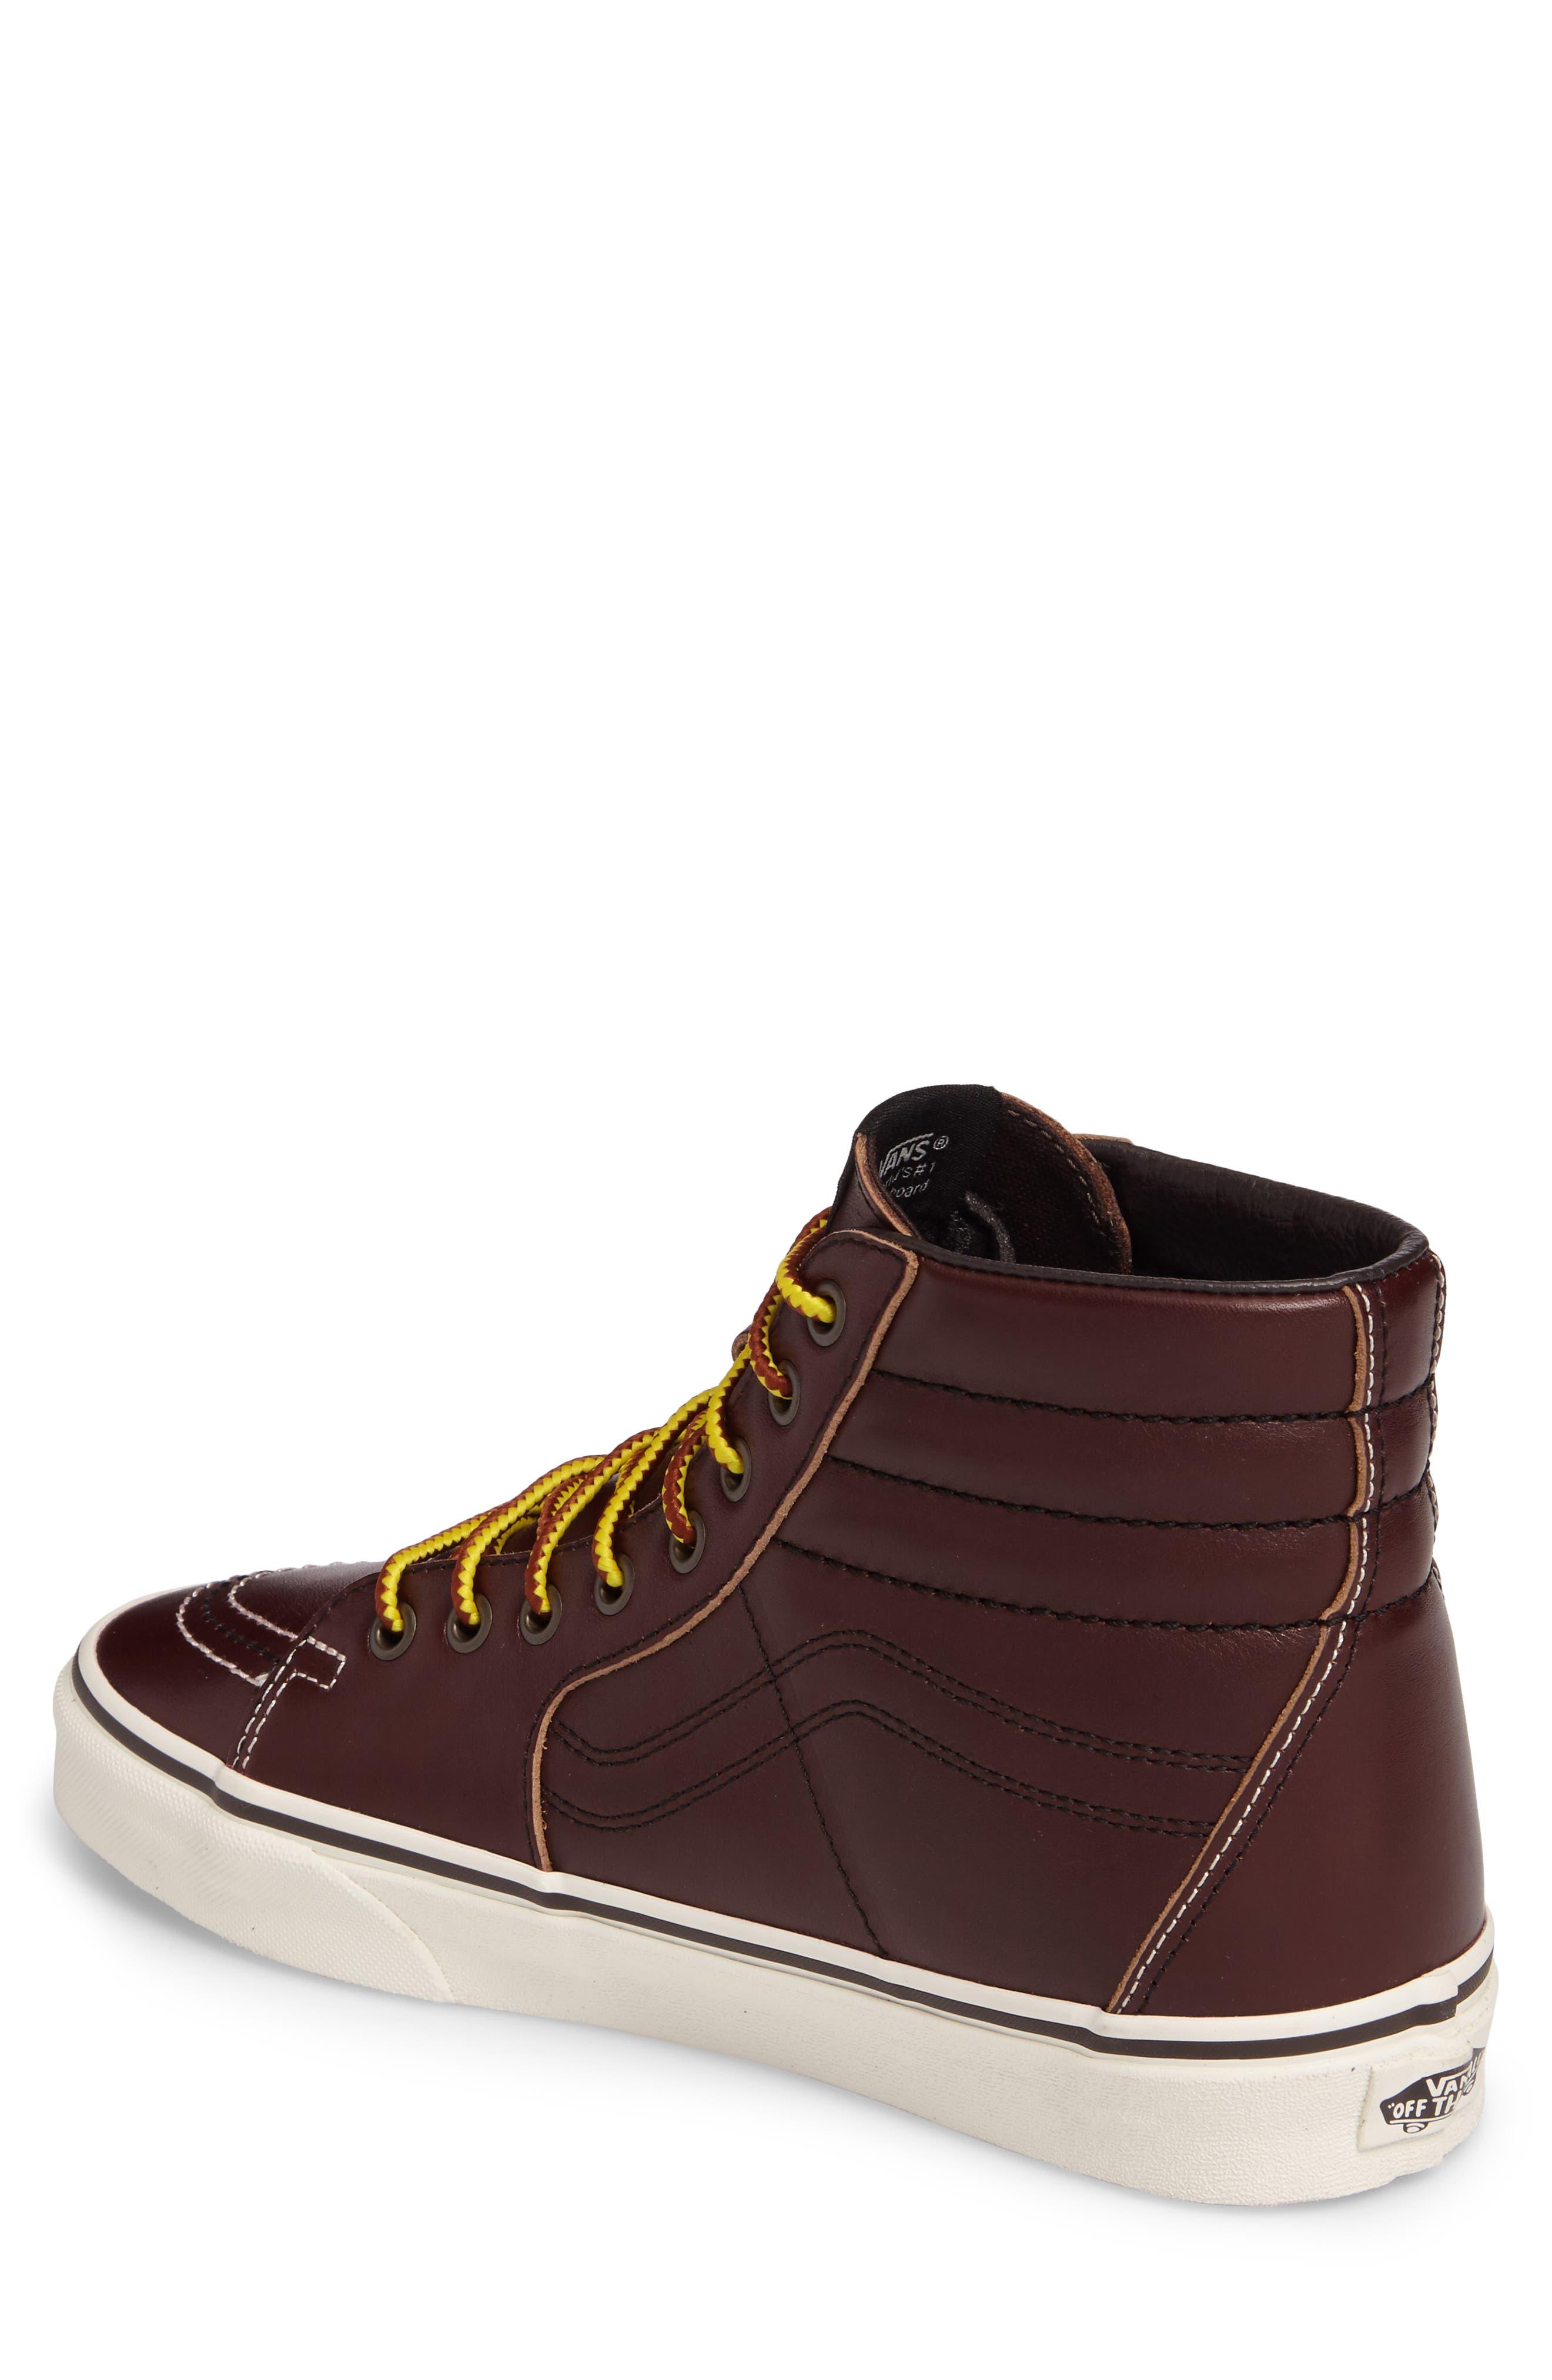 Sk8-Hi Sneaker,                             Alternate thumbnail 2, color,                             200